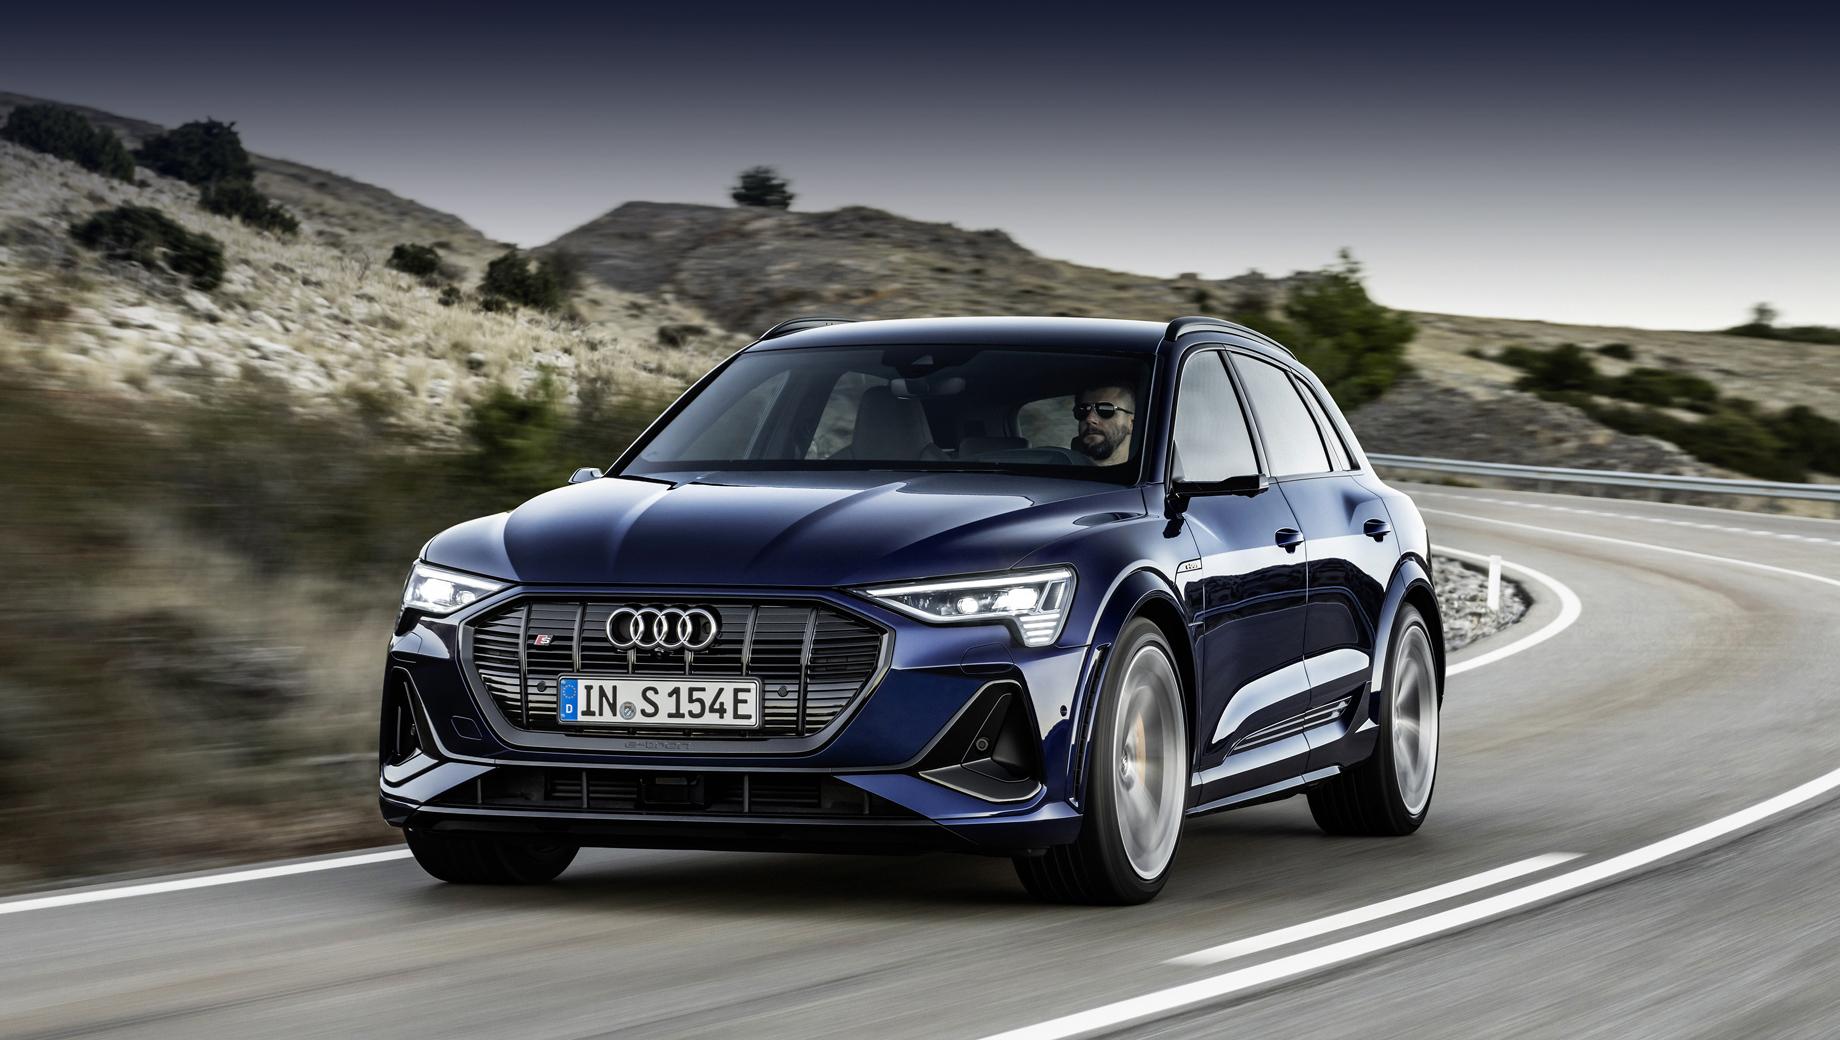 Audi e-tron s sportback,Audi e-tron s,Audi e-tron. Кроссоверы с индексом S развивают максималку в 210 км/ч и набирают сотню с нуля за 4,5 с. Визуально эта динамика поддерживается расширенным кузовом (арки тут шире, чем у обычного «и-трона» на 23 мм с каждой стороны, шире и колея).